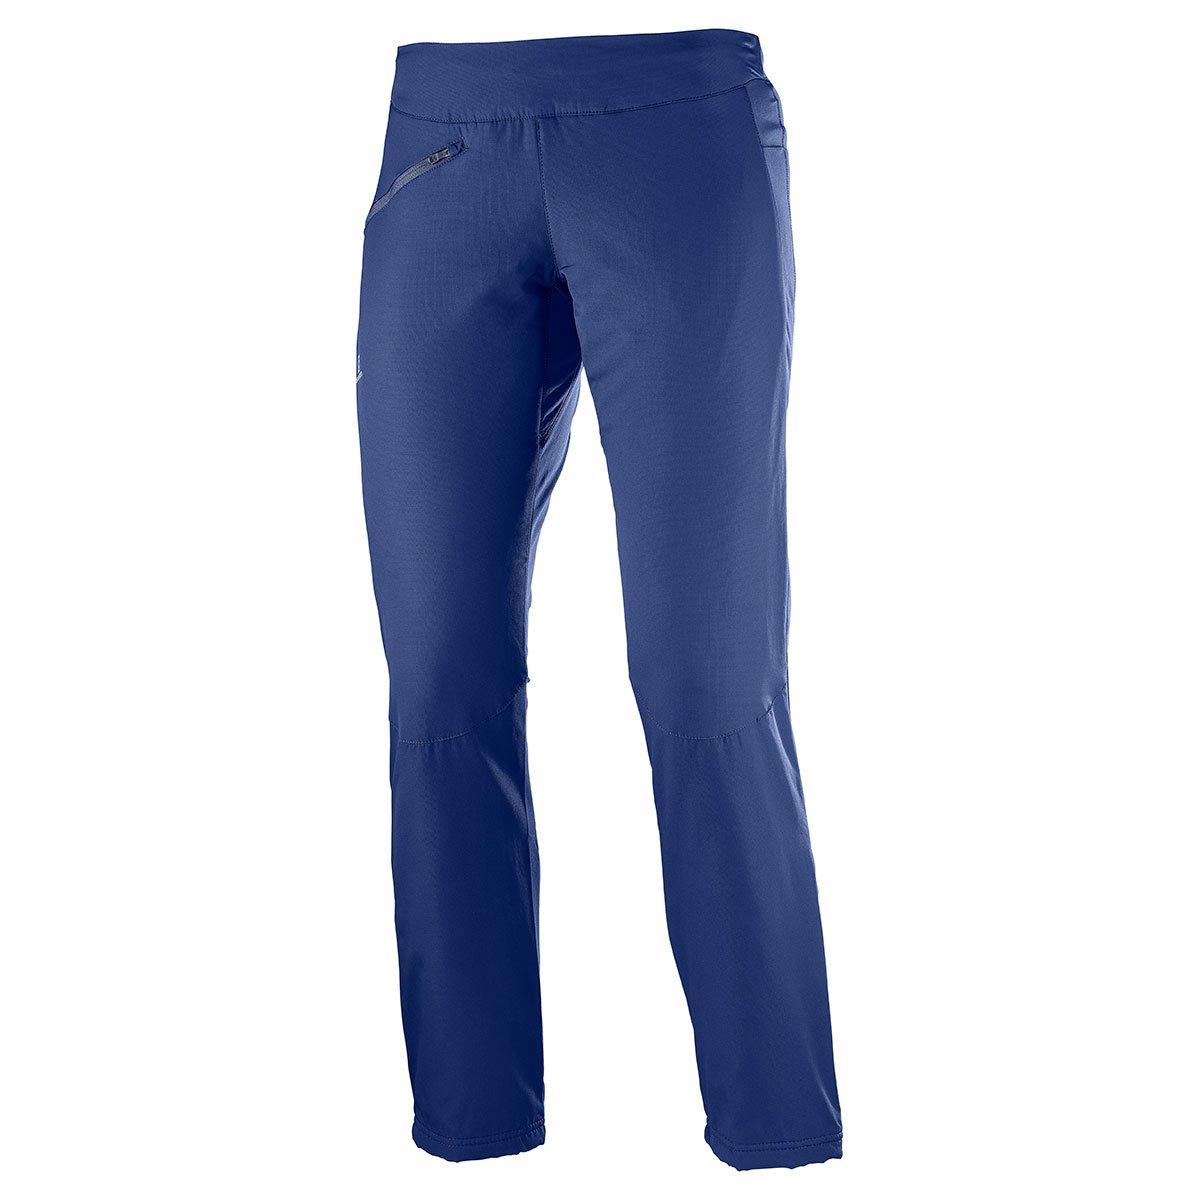 Salomon Women's Escape Pants